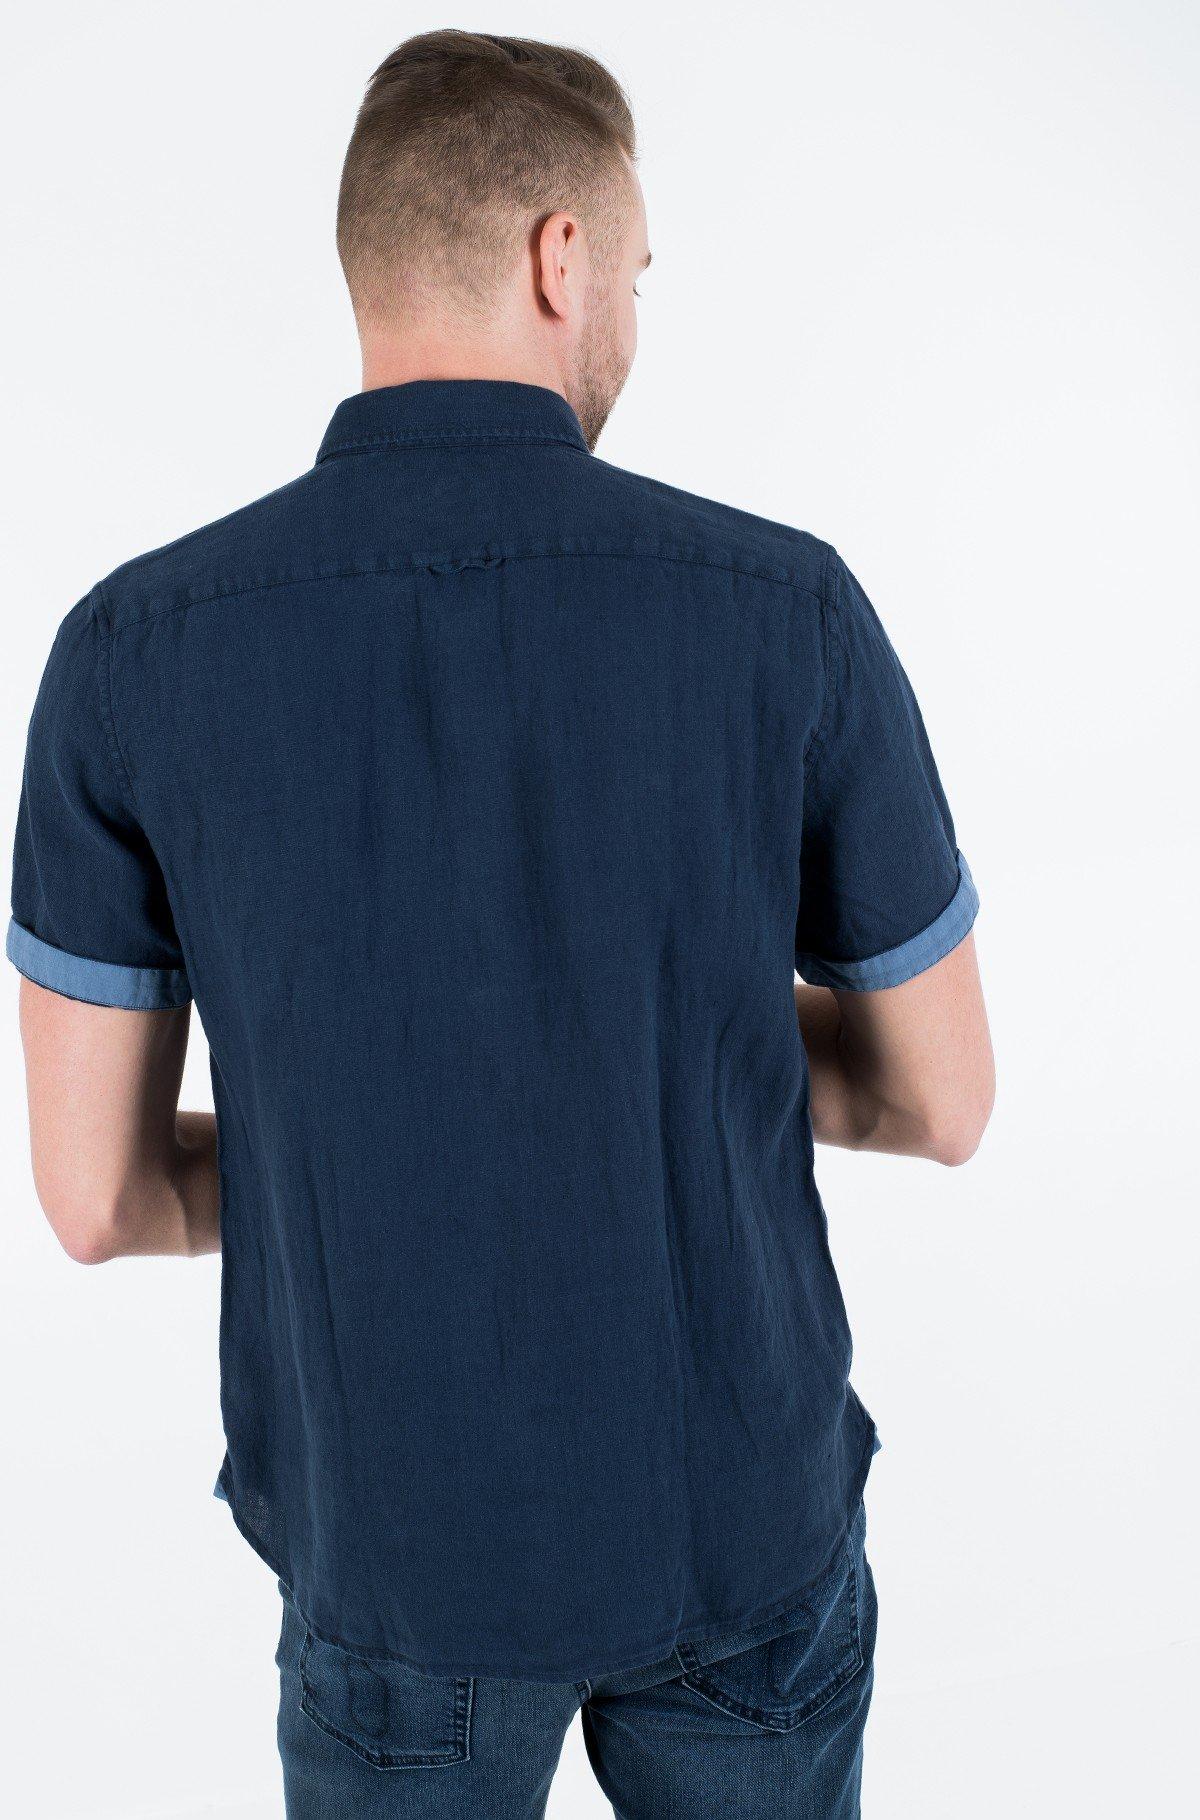 Marškiniai su trumpomis rankovėmis M23 7428 41028-full-2